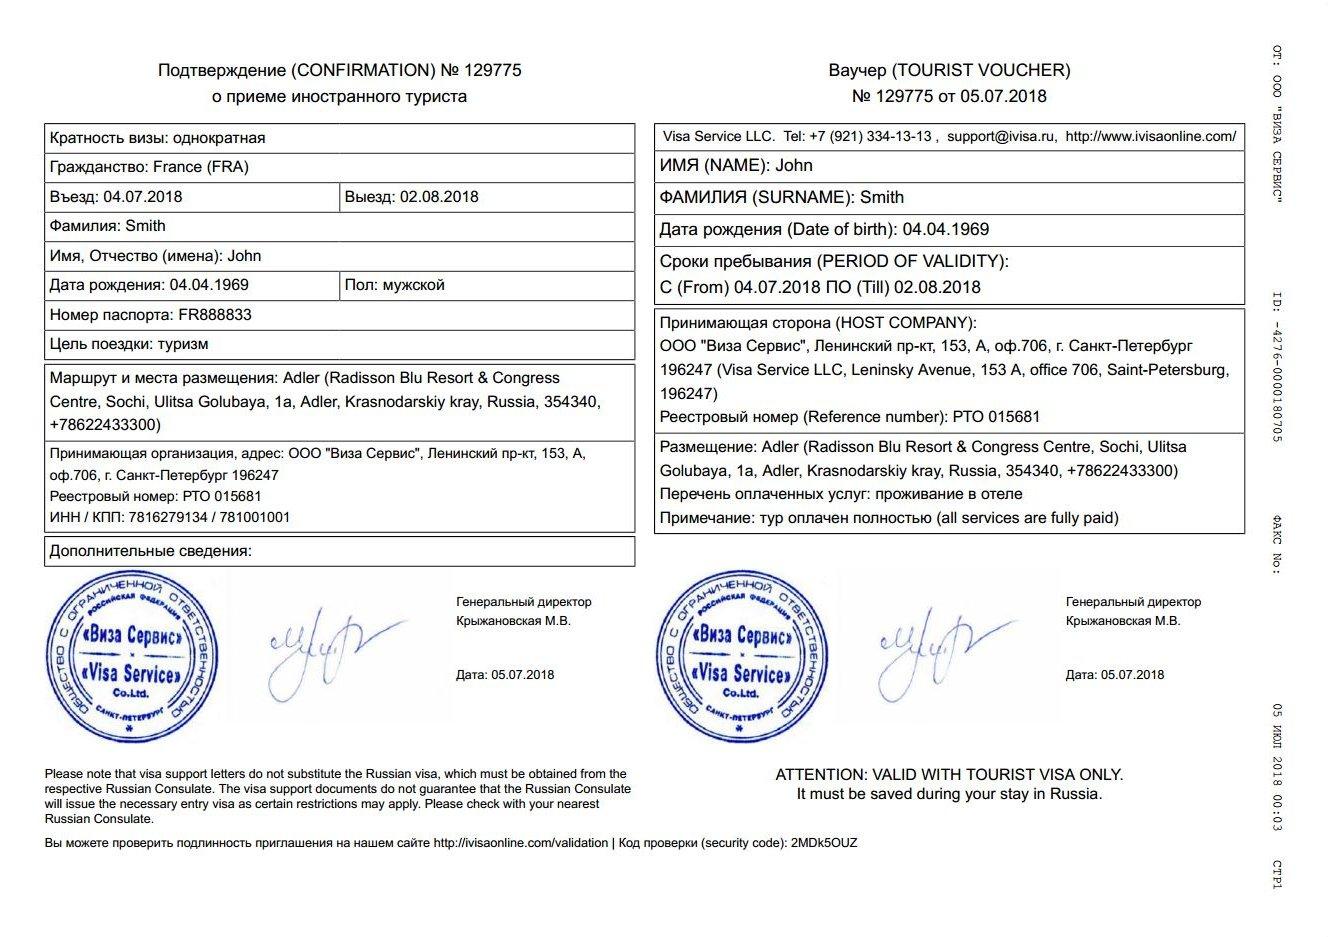 Get Russian Visa Invitation Letter Ivisaonline Com